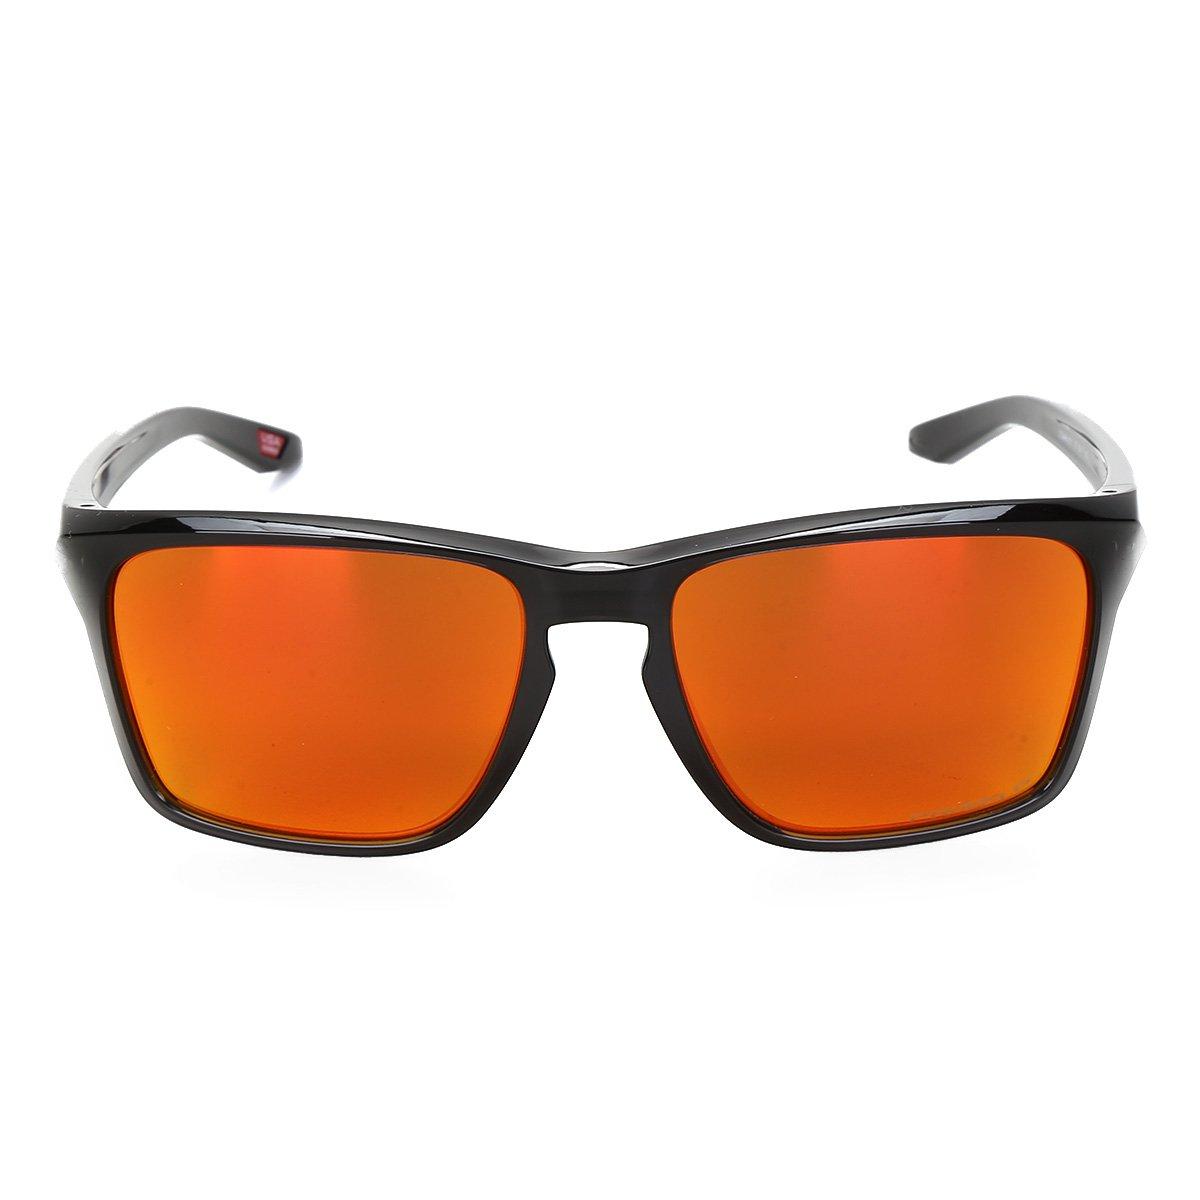 Óculos de Sol Oakley Sylas Pol - 1